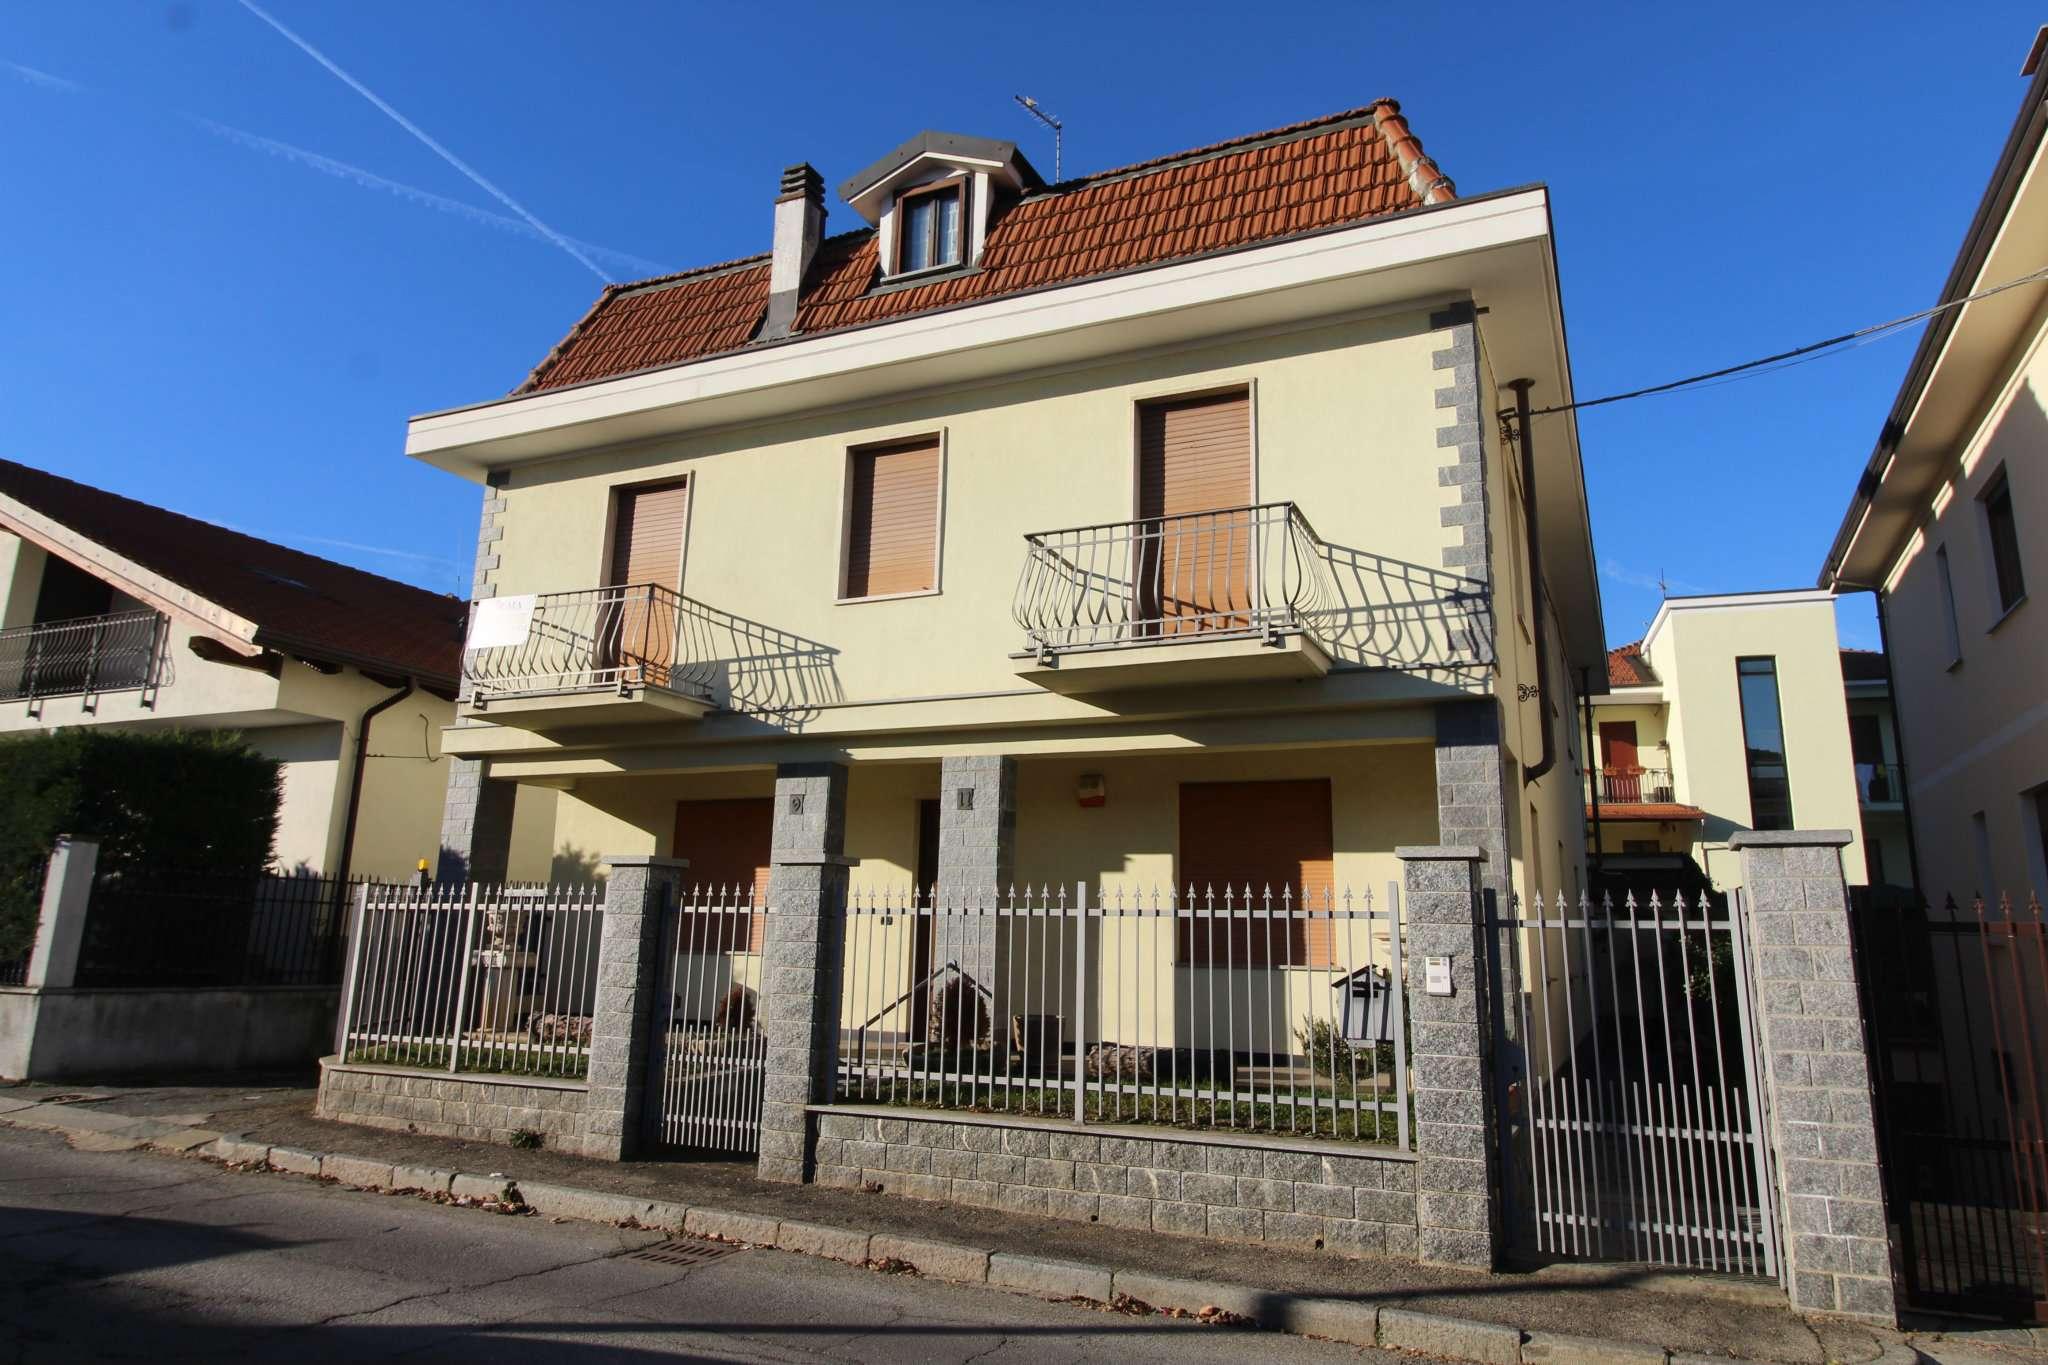 Villetta a Schiera in vendita Via IV Novembre Grugliasco